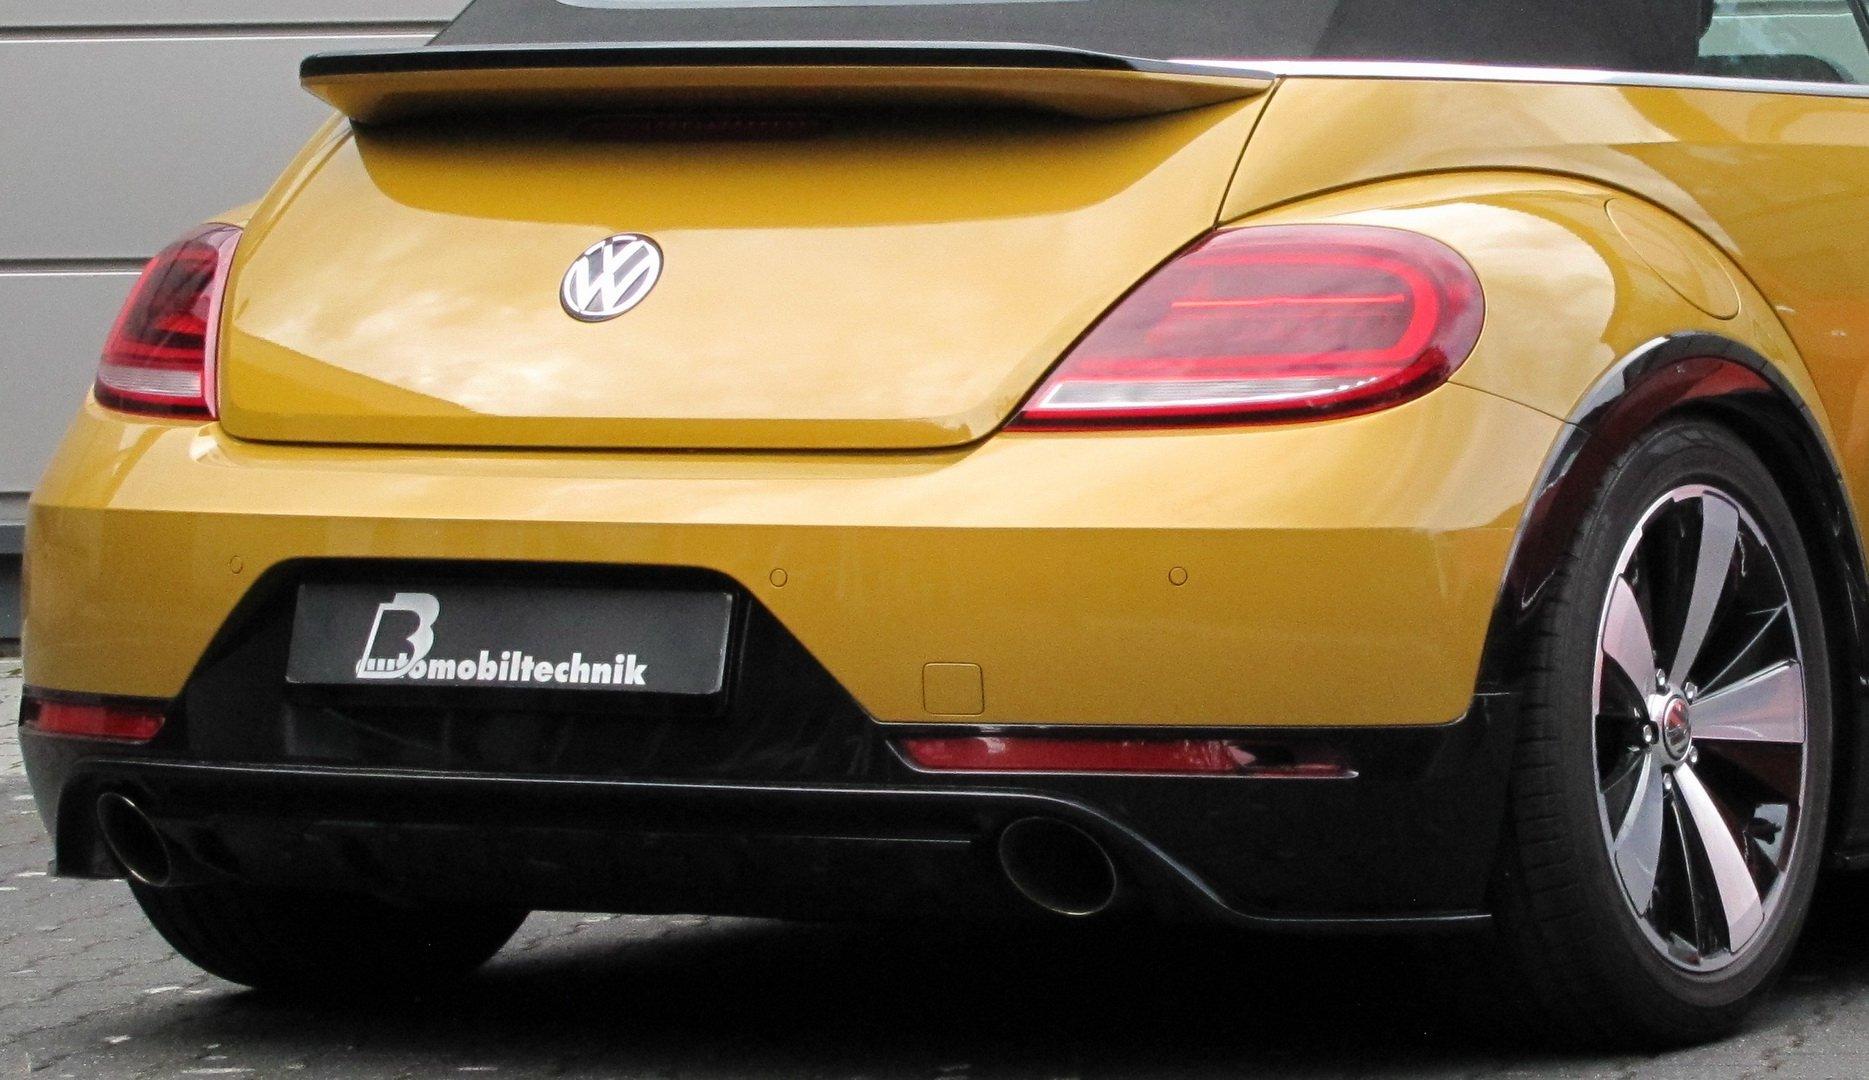 Volkswagen-Beetle-Convertibl-by-BB-AutomobilTechnik-4